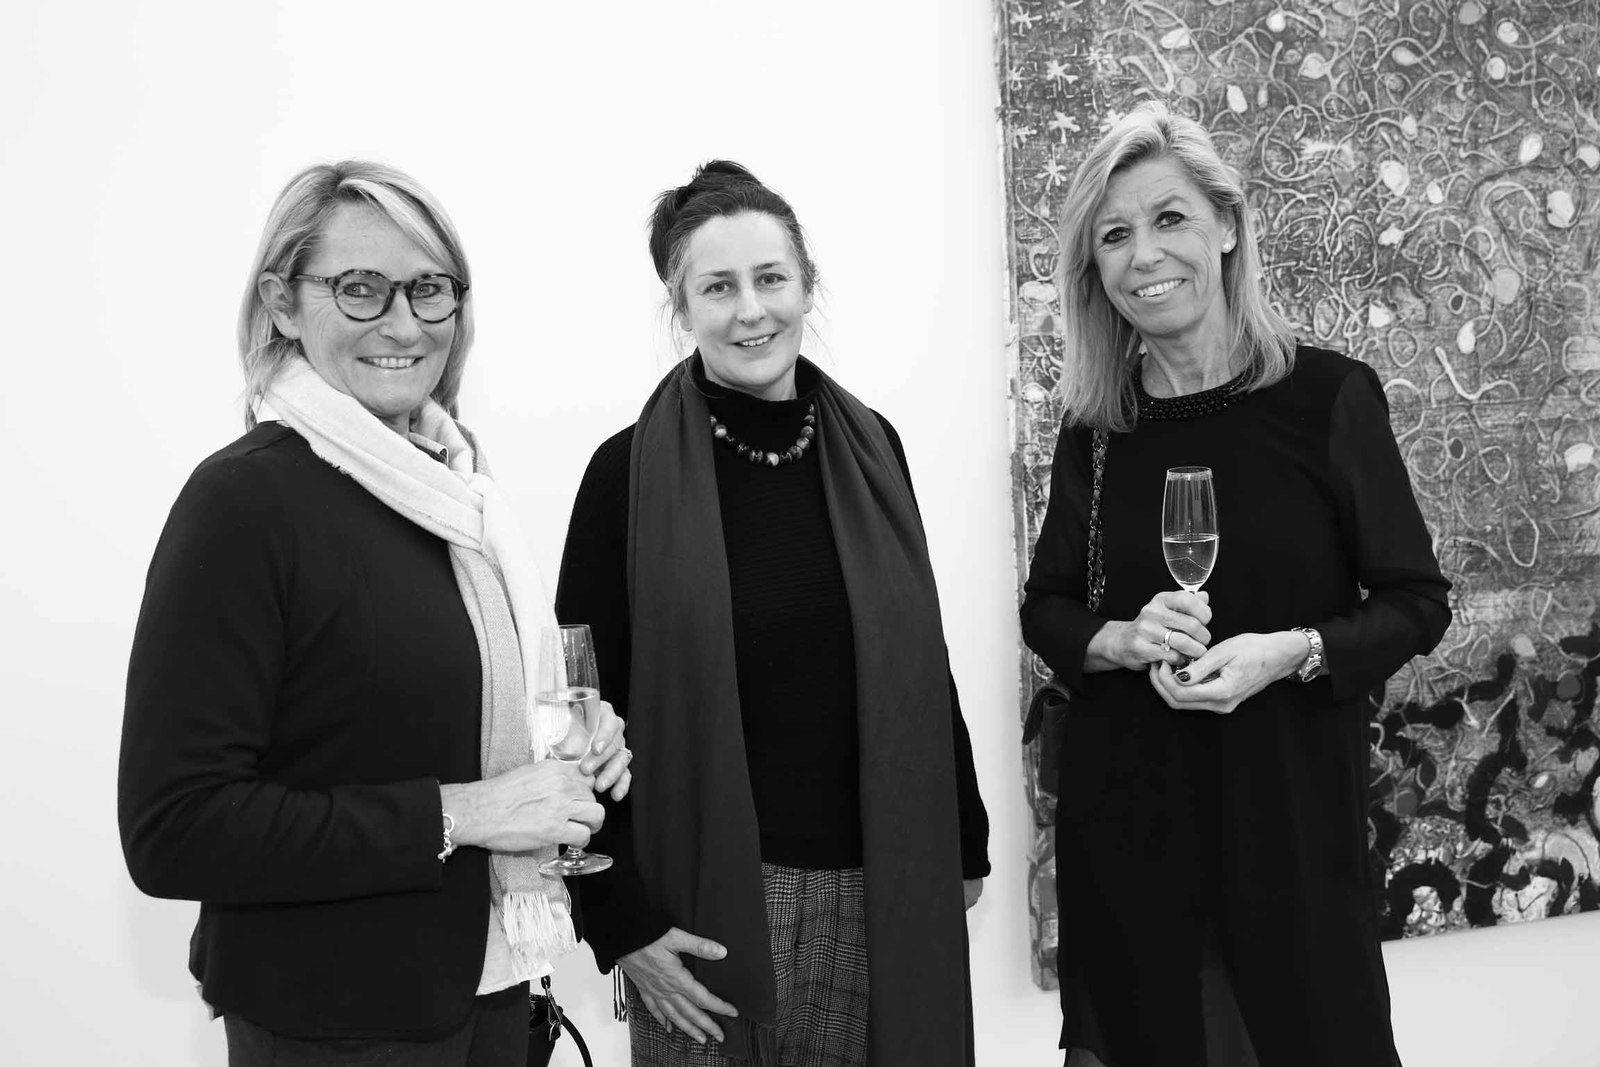 Inconnue, Arlette Klein, Malou Faitz